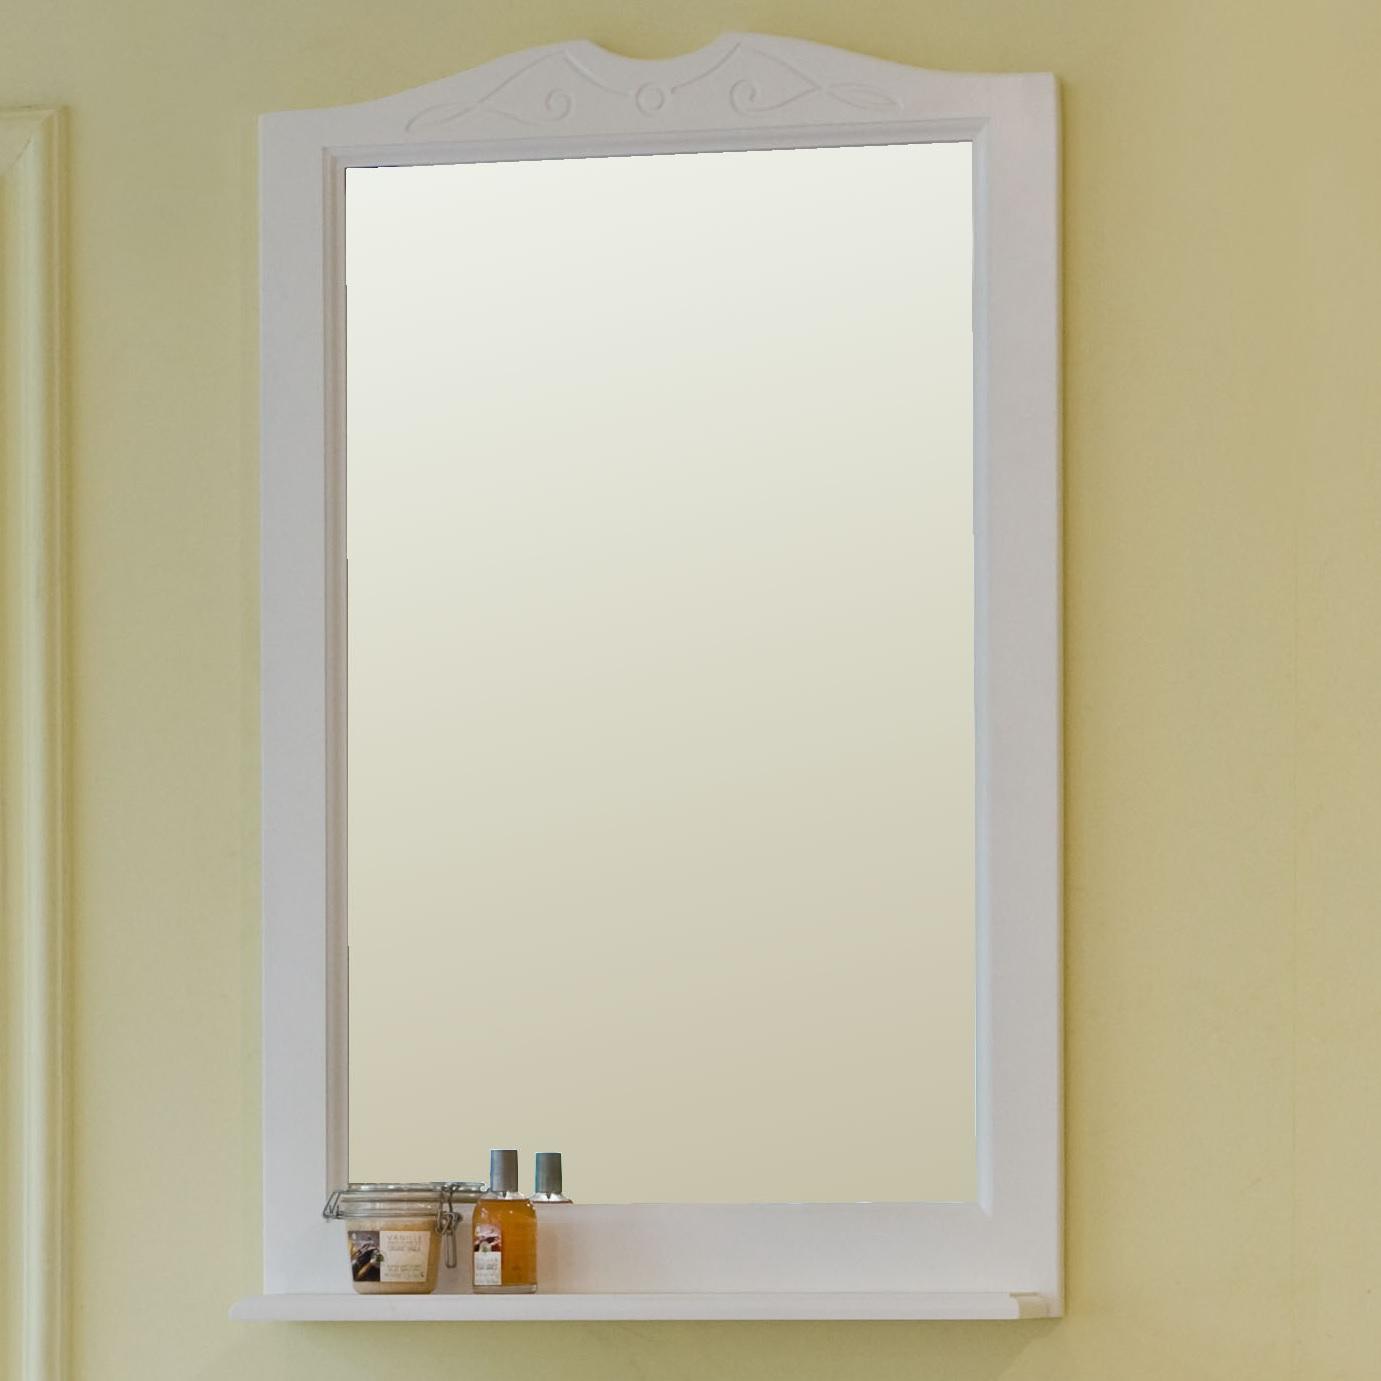 Зеркало Аллигатор МИЛАНА 1-55, цвет белый, 55*99,5*14 см